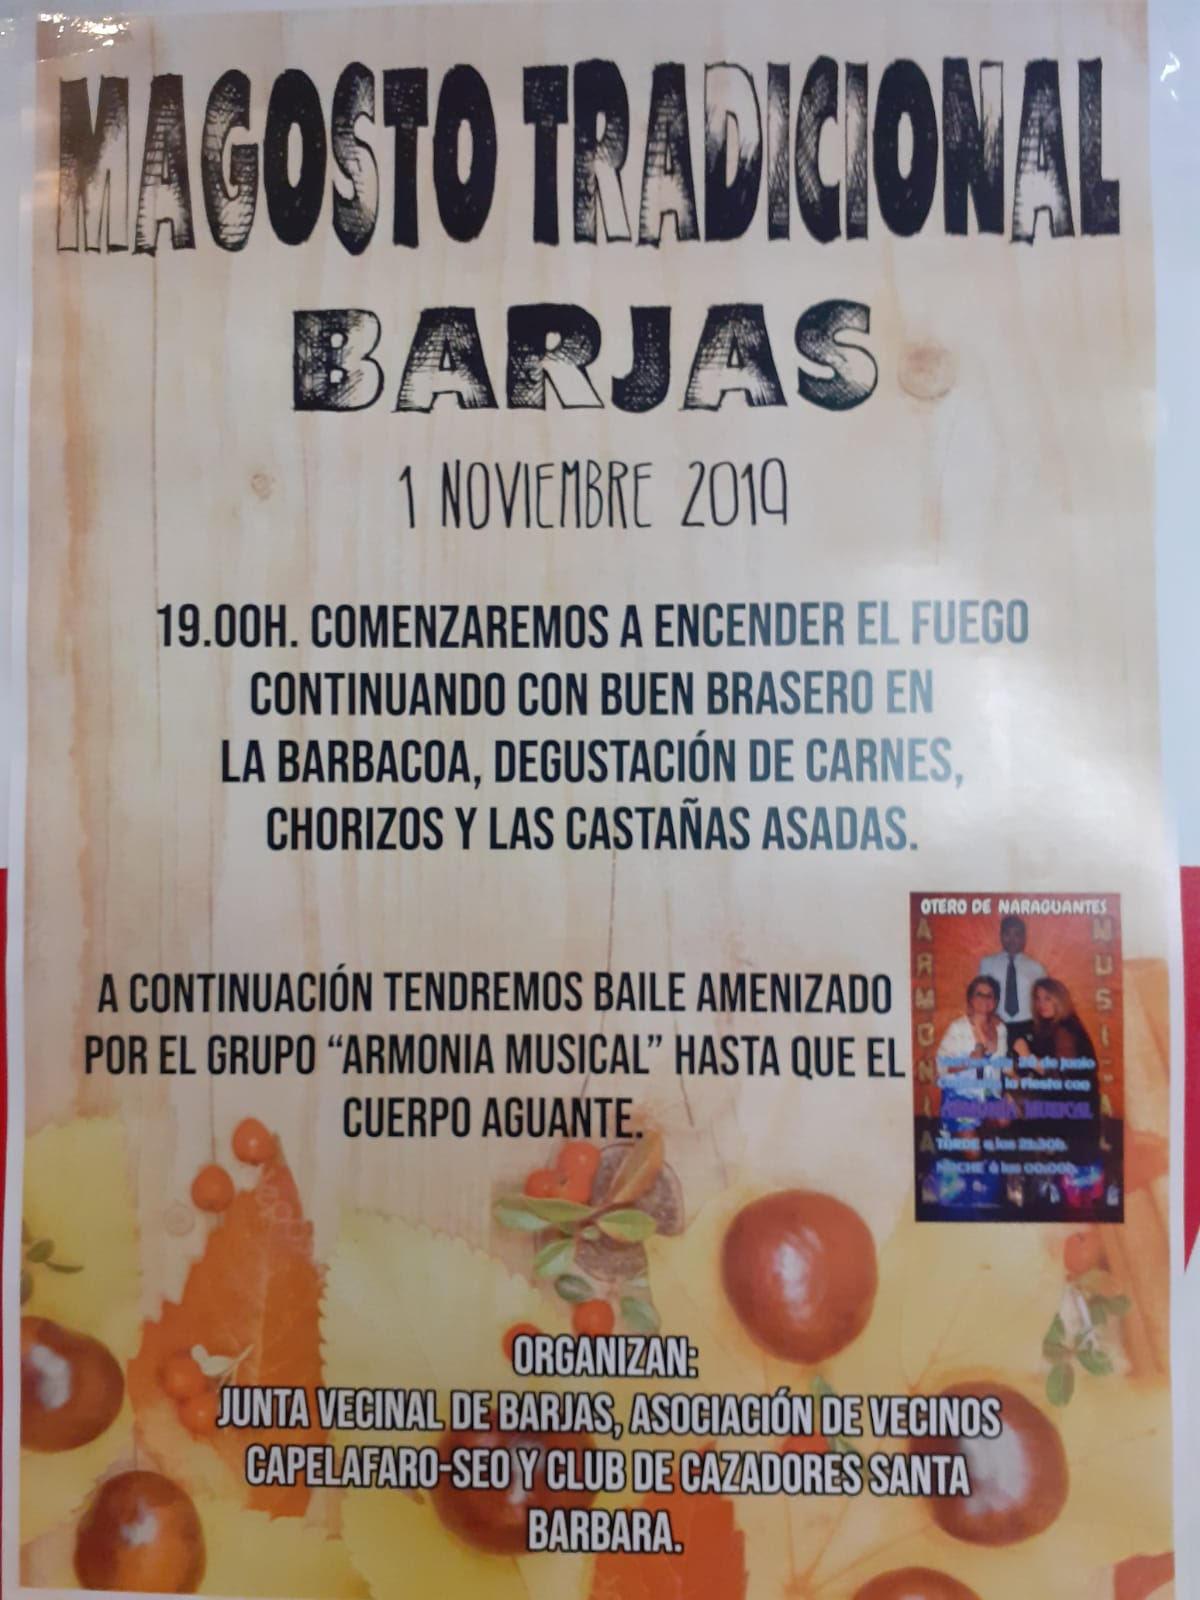 Gran Magosto en Barjas. 1 de noviembre 2019 1